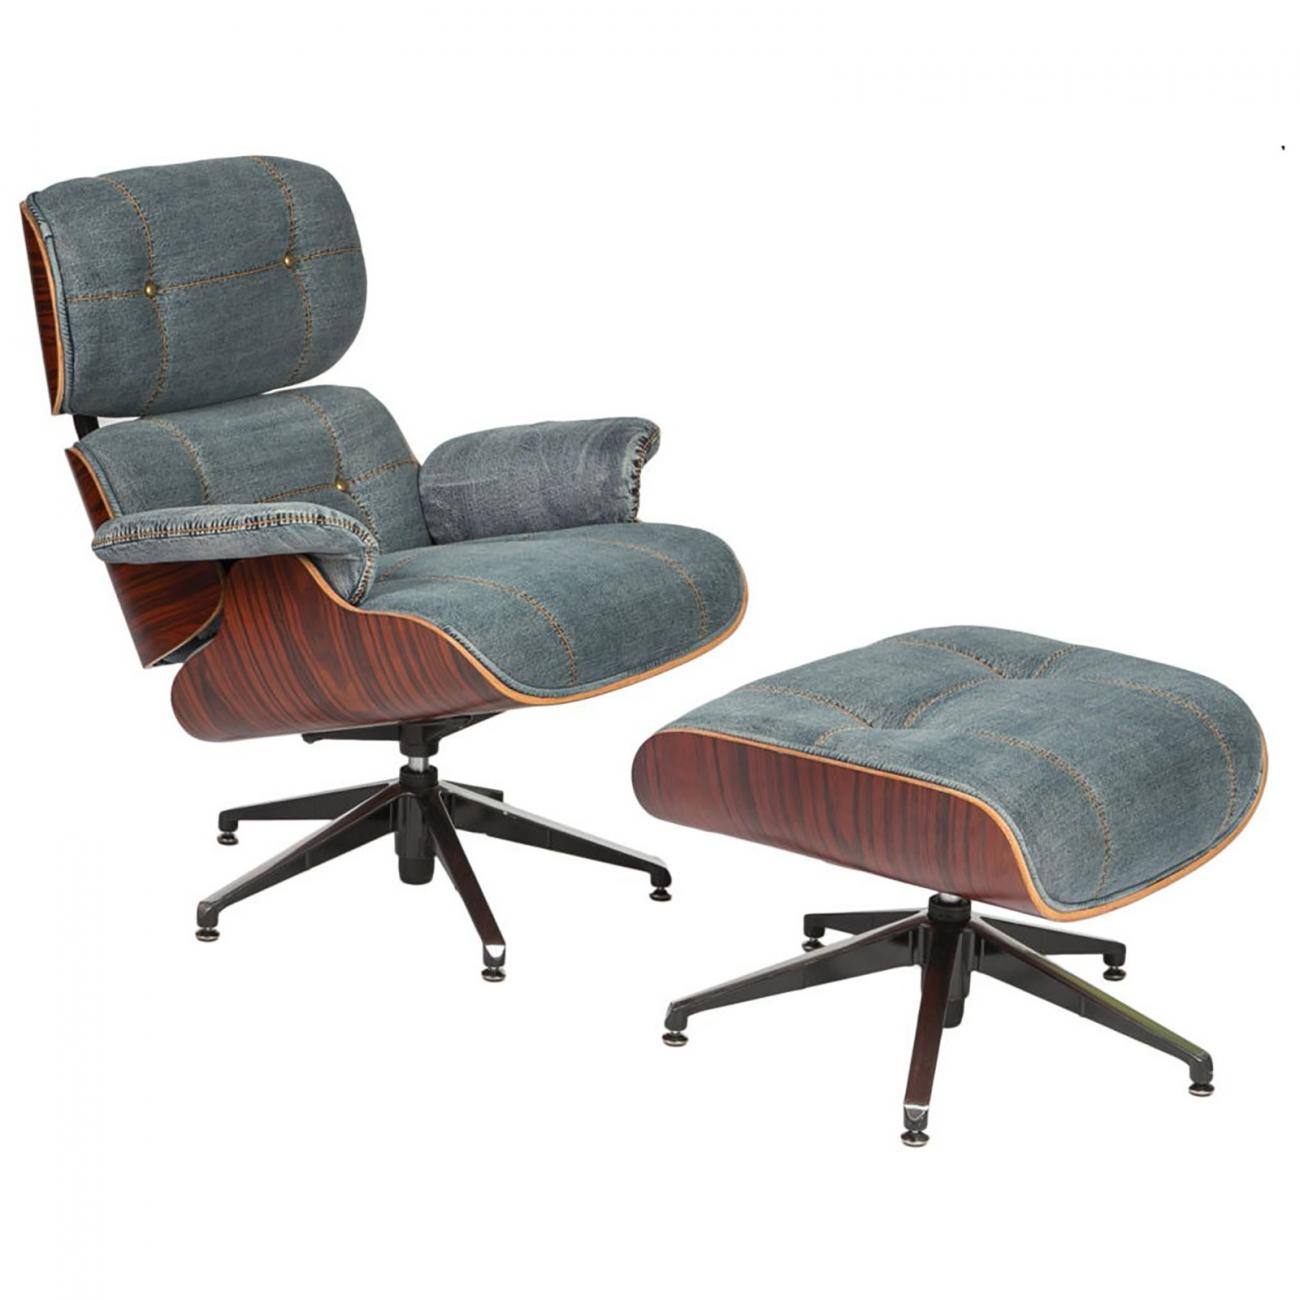 Купить Кресло+пуф Eames Chair jeans blue в интернет магазине дизайнерской мебели и аксессуаров для дома и дачи